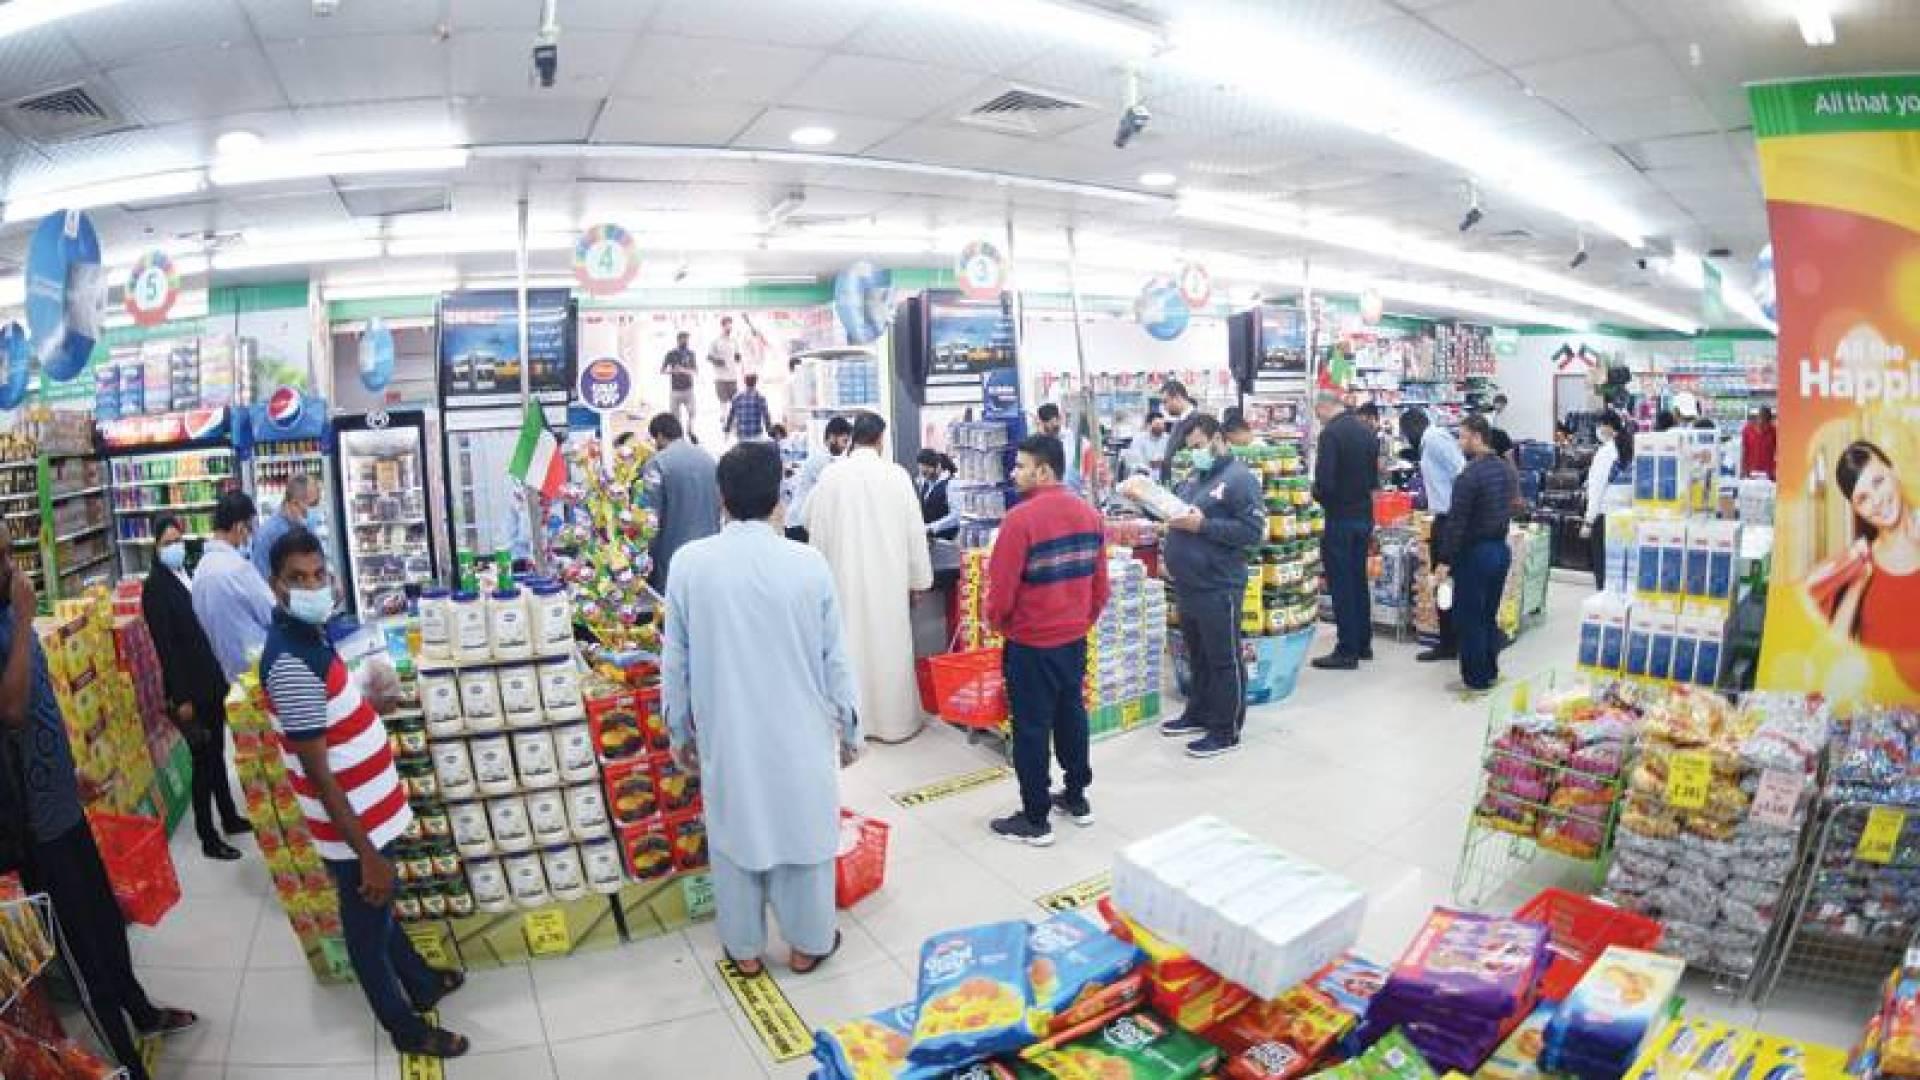 «التجارة» ترصد 64 جمعية وسوقاً مركزياً لمتابعة انسيابية تسليم المواد الغذائية